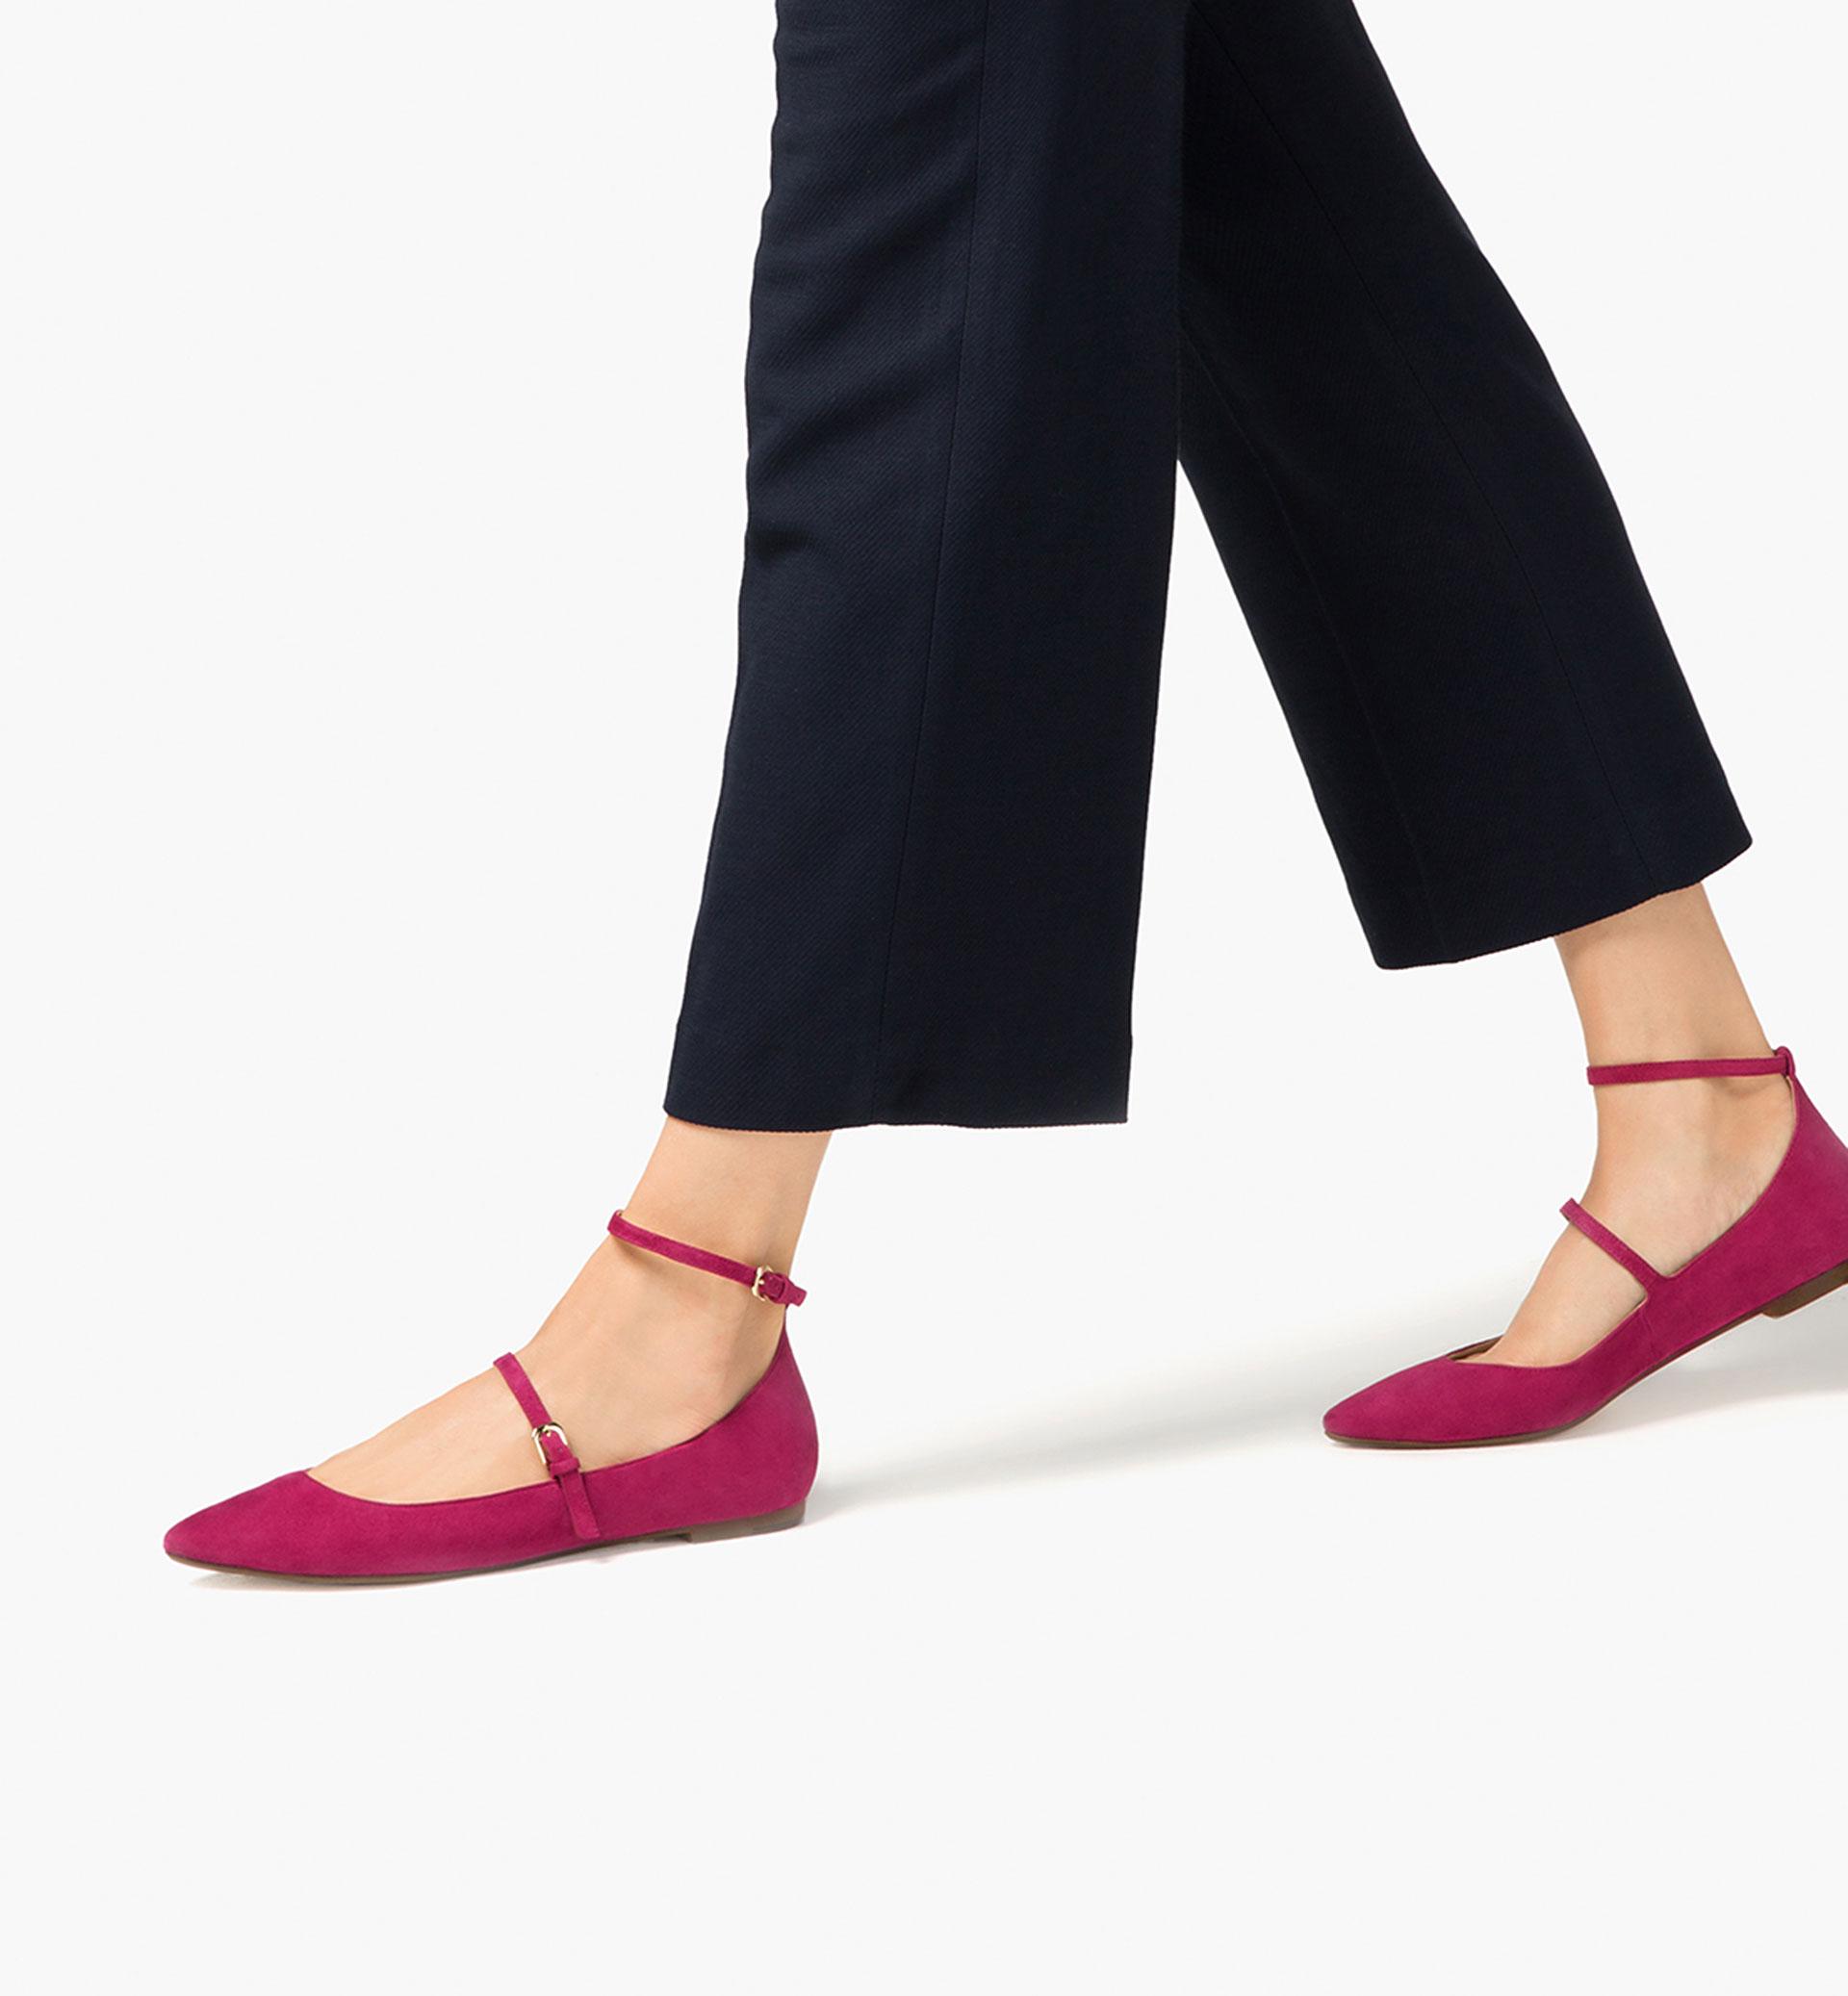 Modelo pies calzado